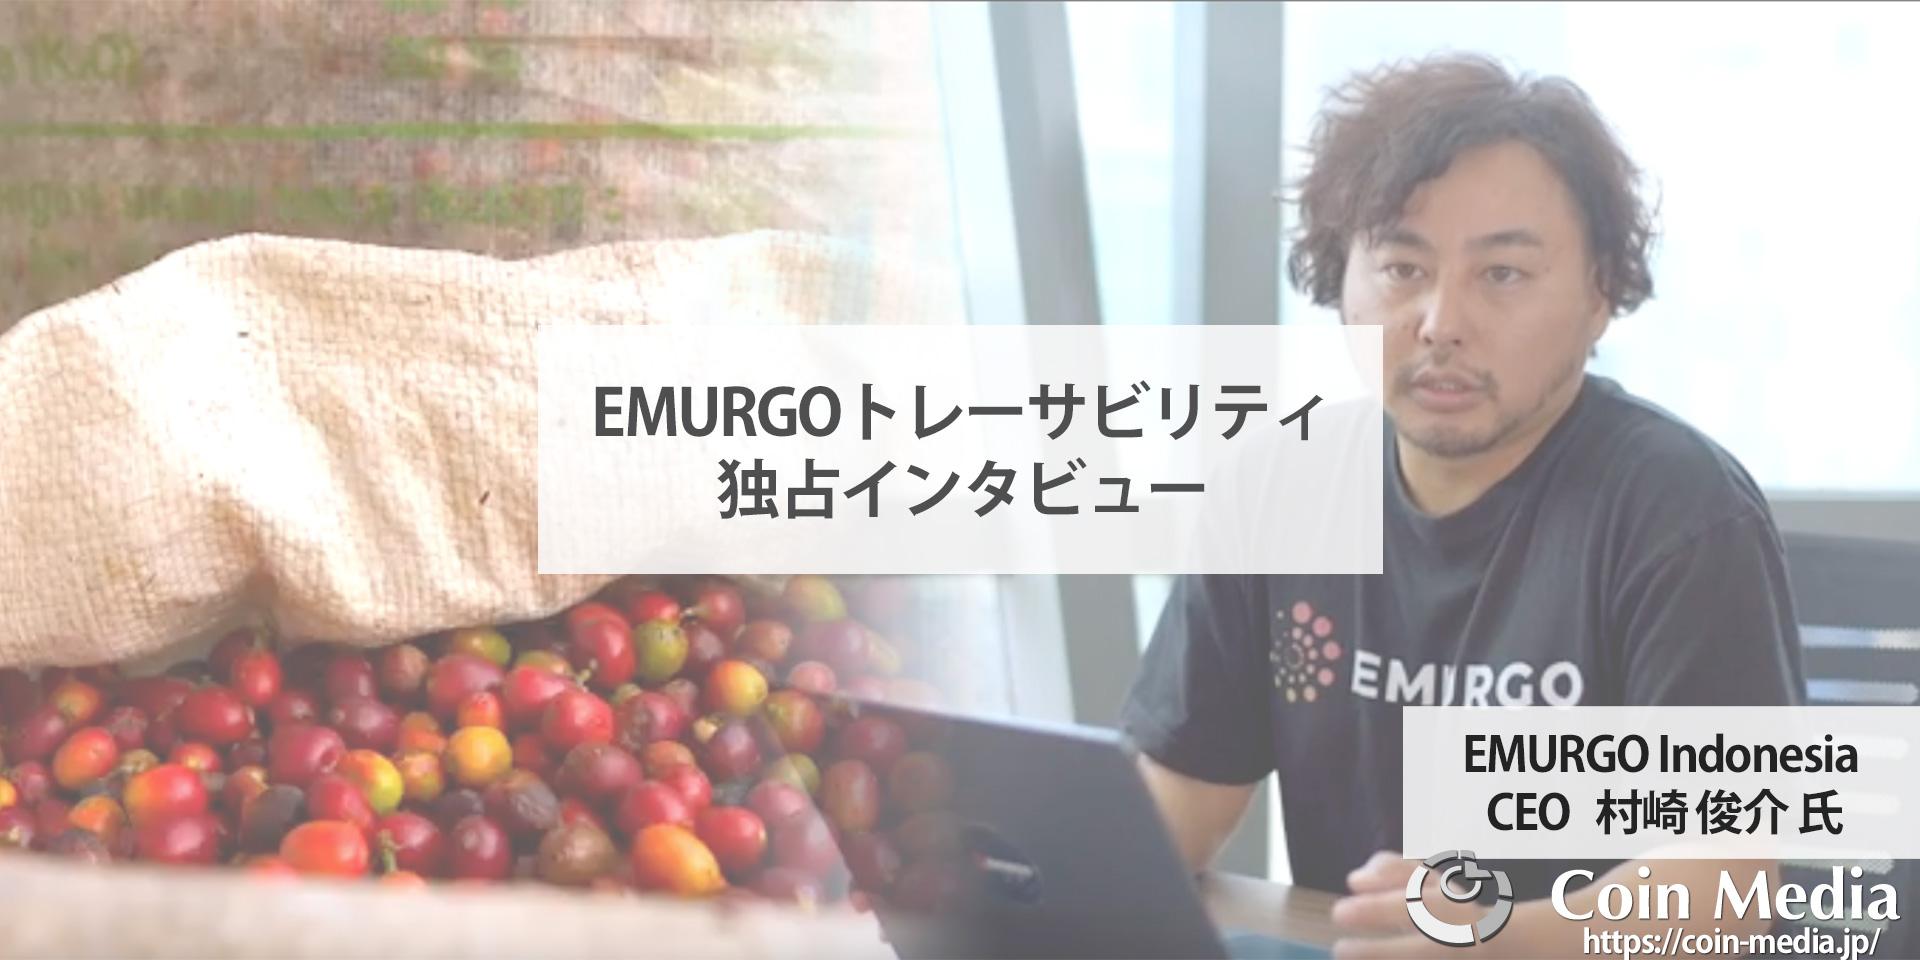 EMURGOトレーサビリティ独占インタビュー